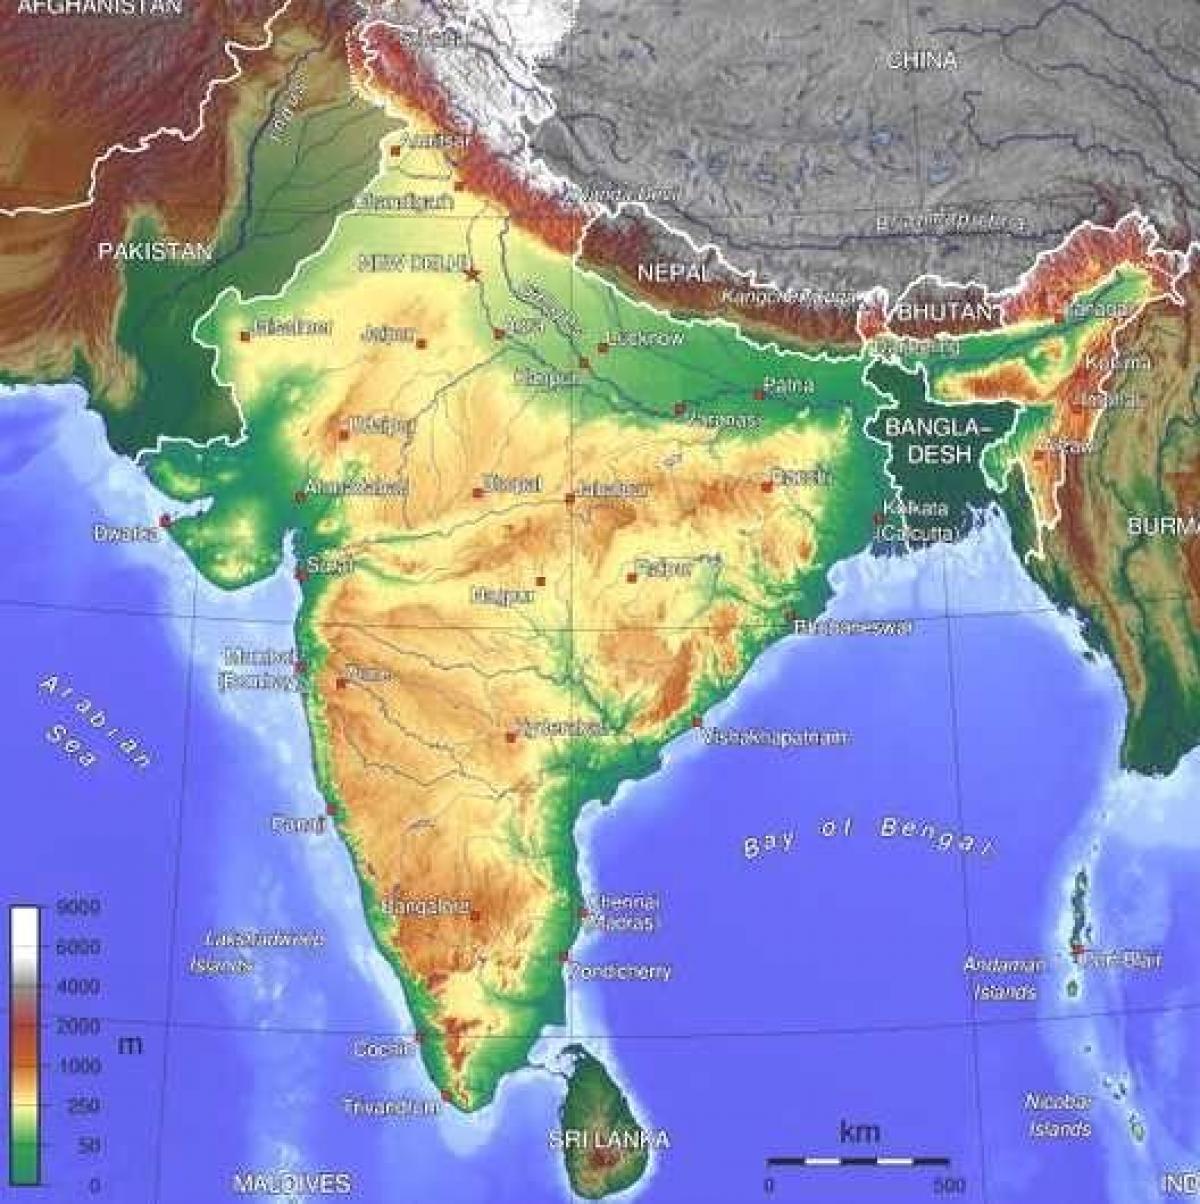 Cartina Fisica Dell India.Mappa Fisica Dell India Per I Bambini India Mappa Fisica Per I Bambini L Asia Del Sud Asia